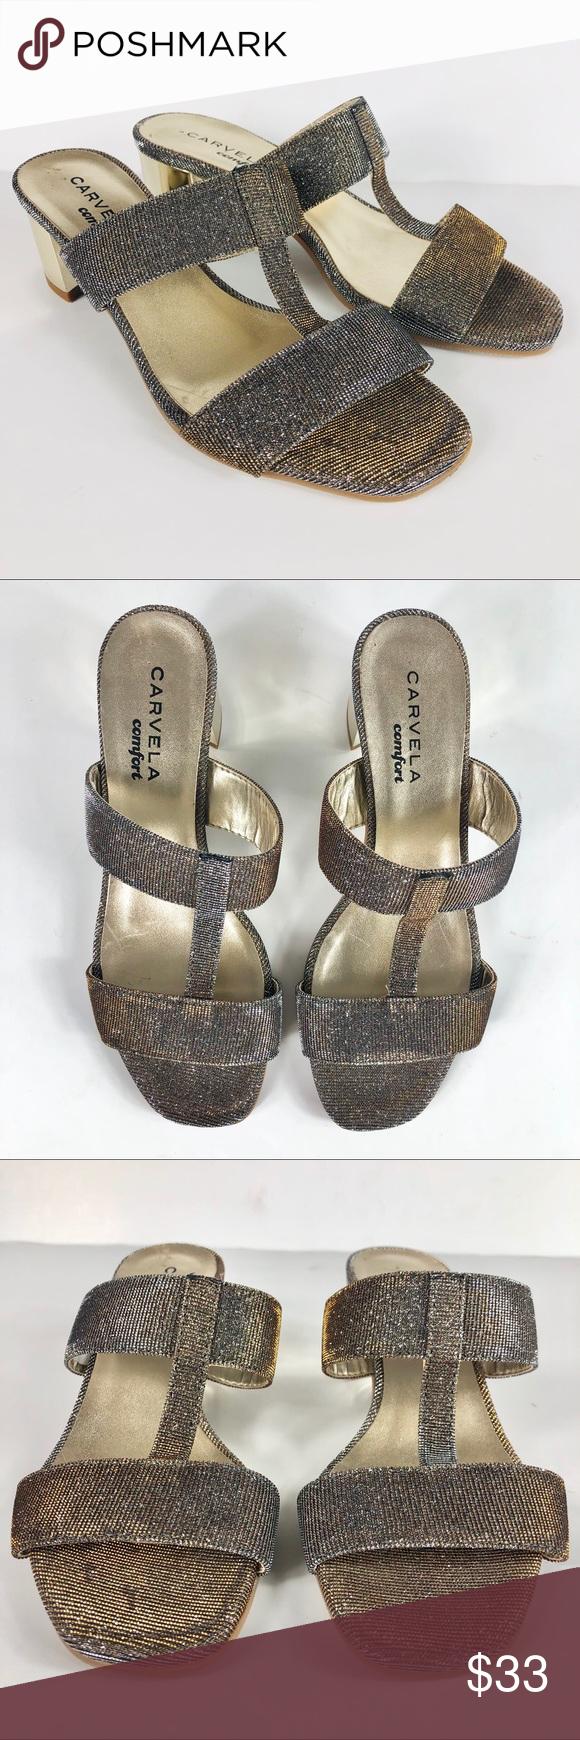 Carvela Comfort Suzy Metal Comb Sandals